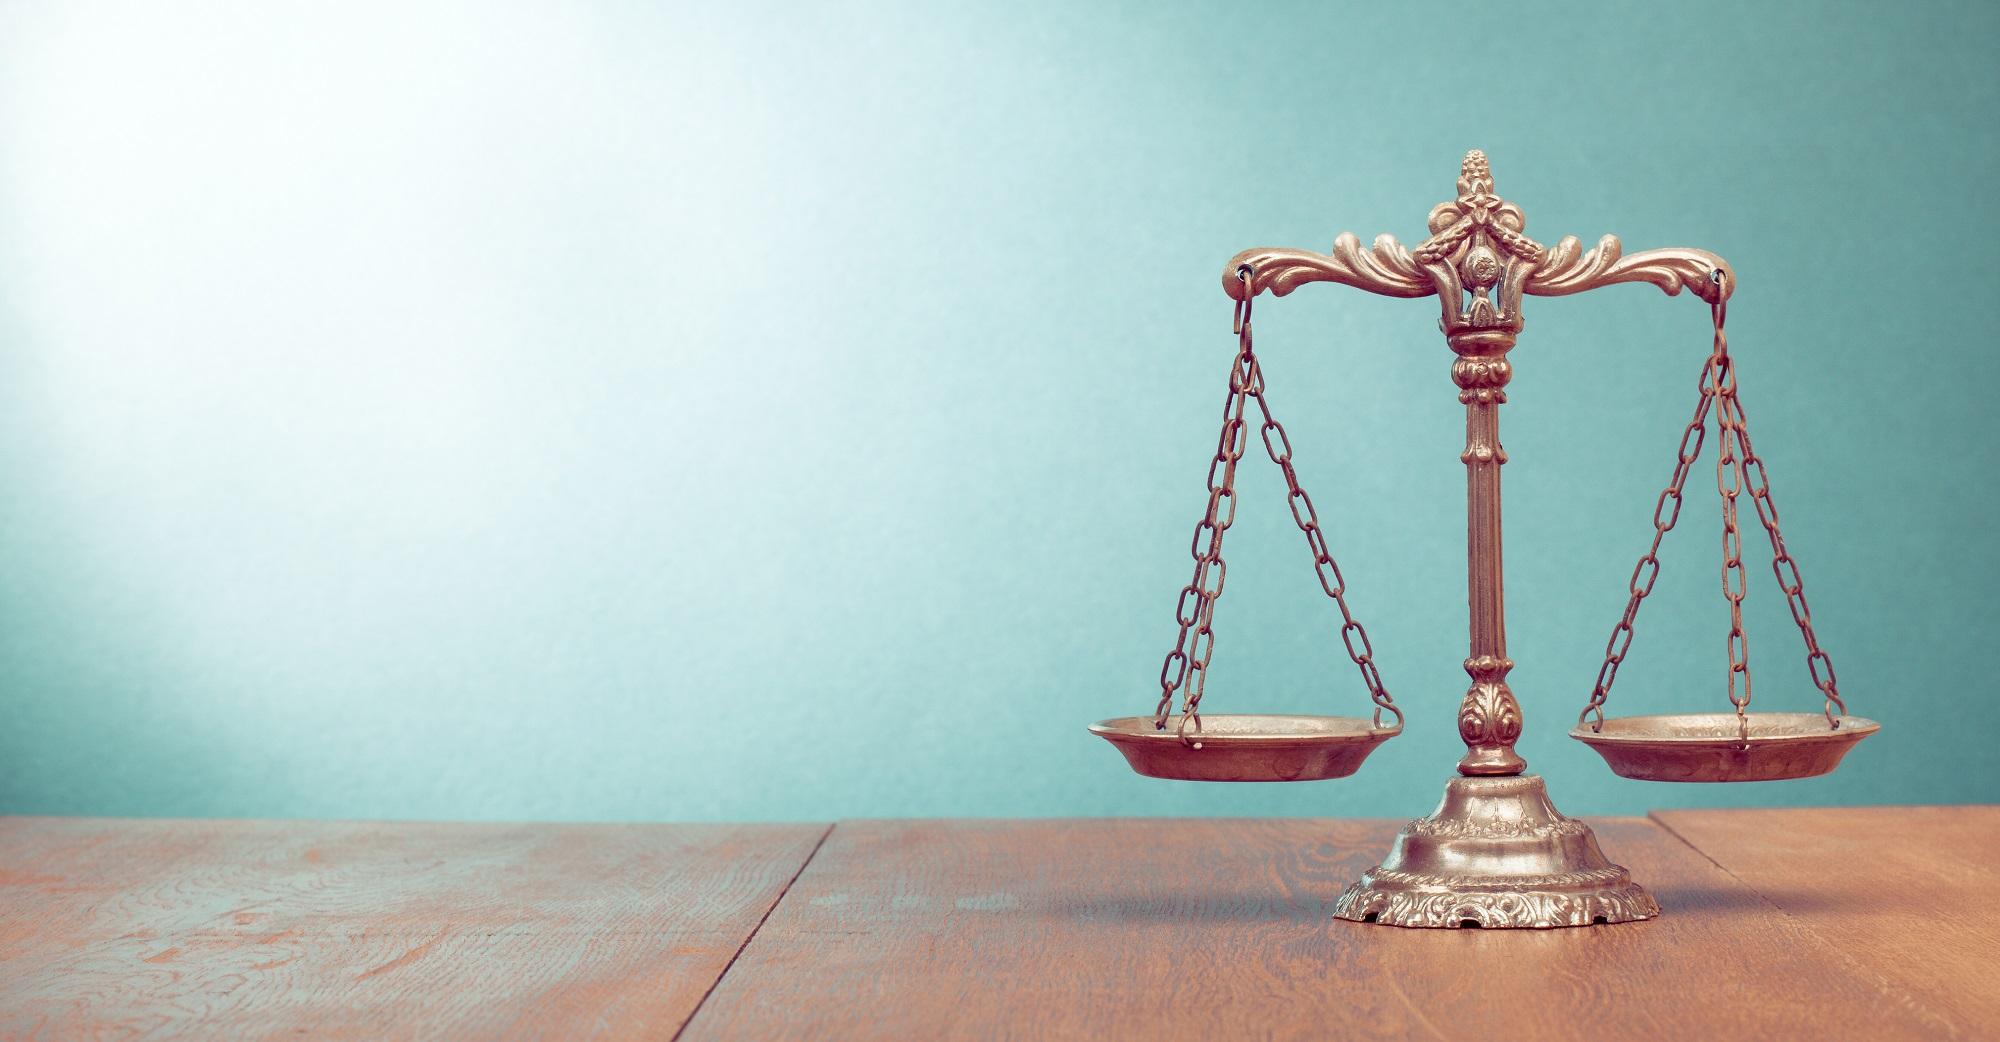 La ciencia que puede aprenderse en un juicio